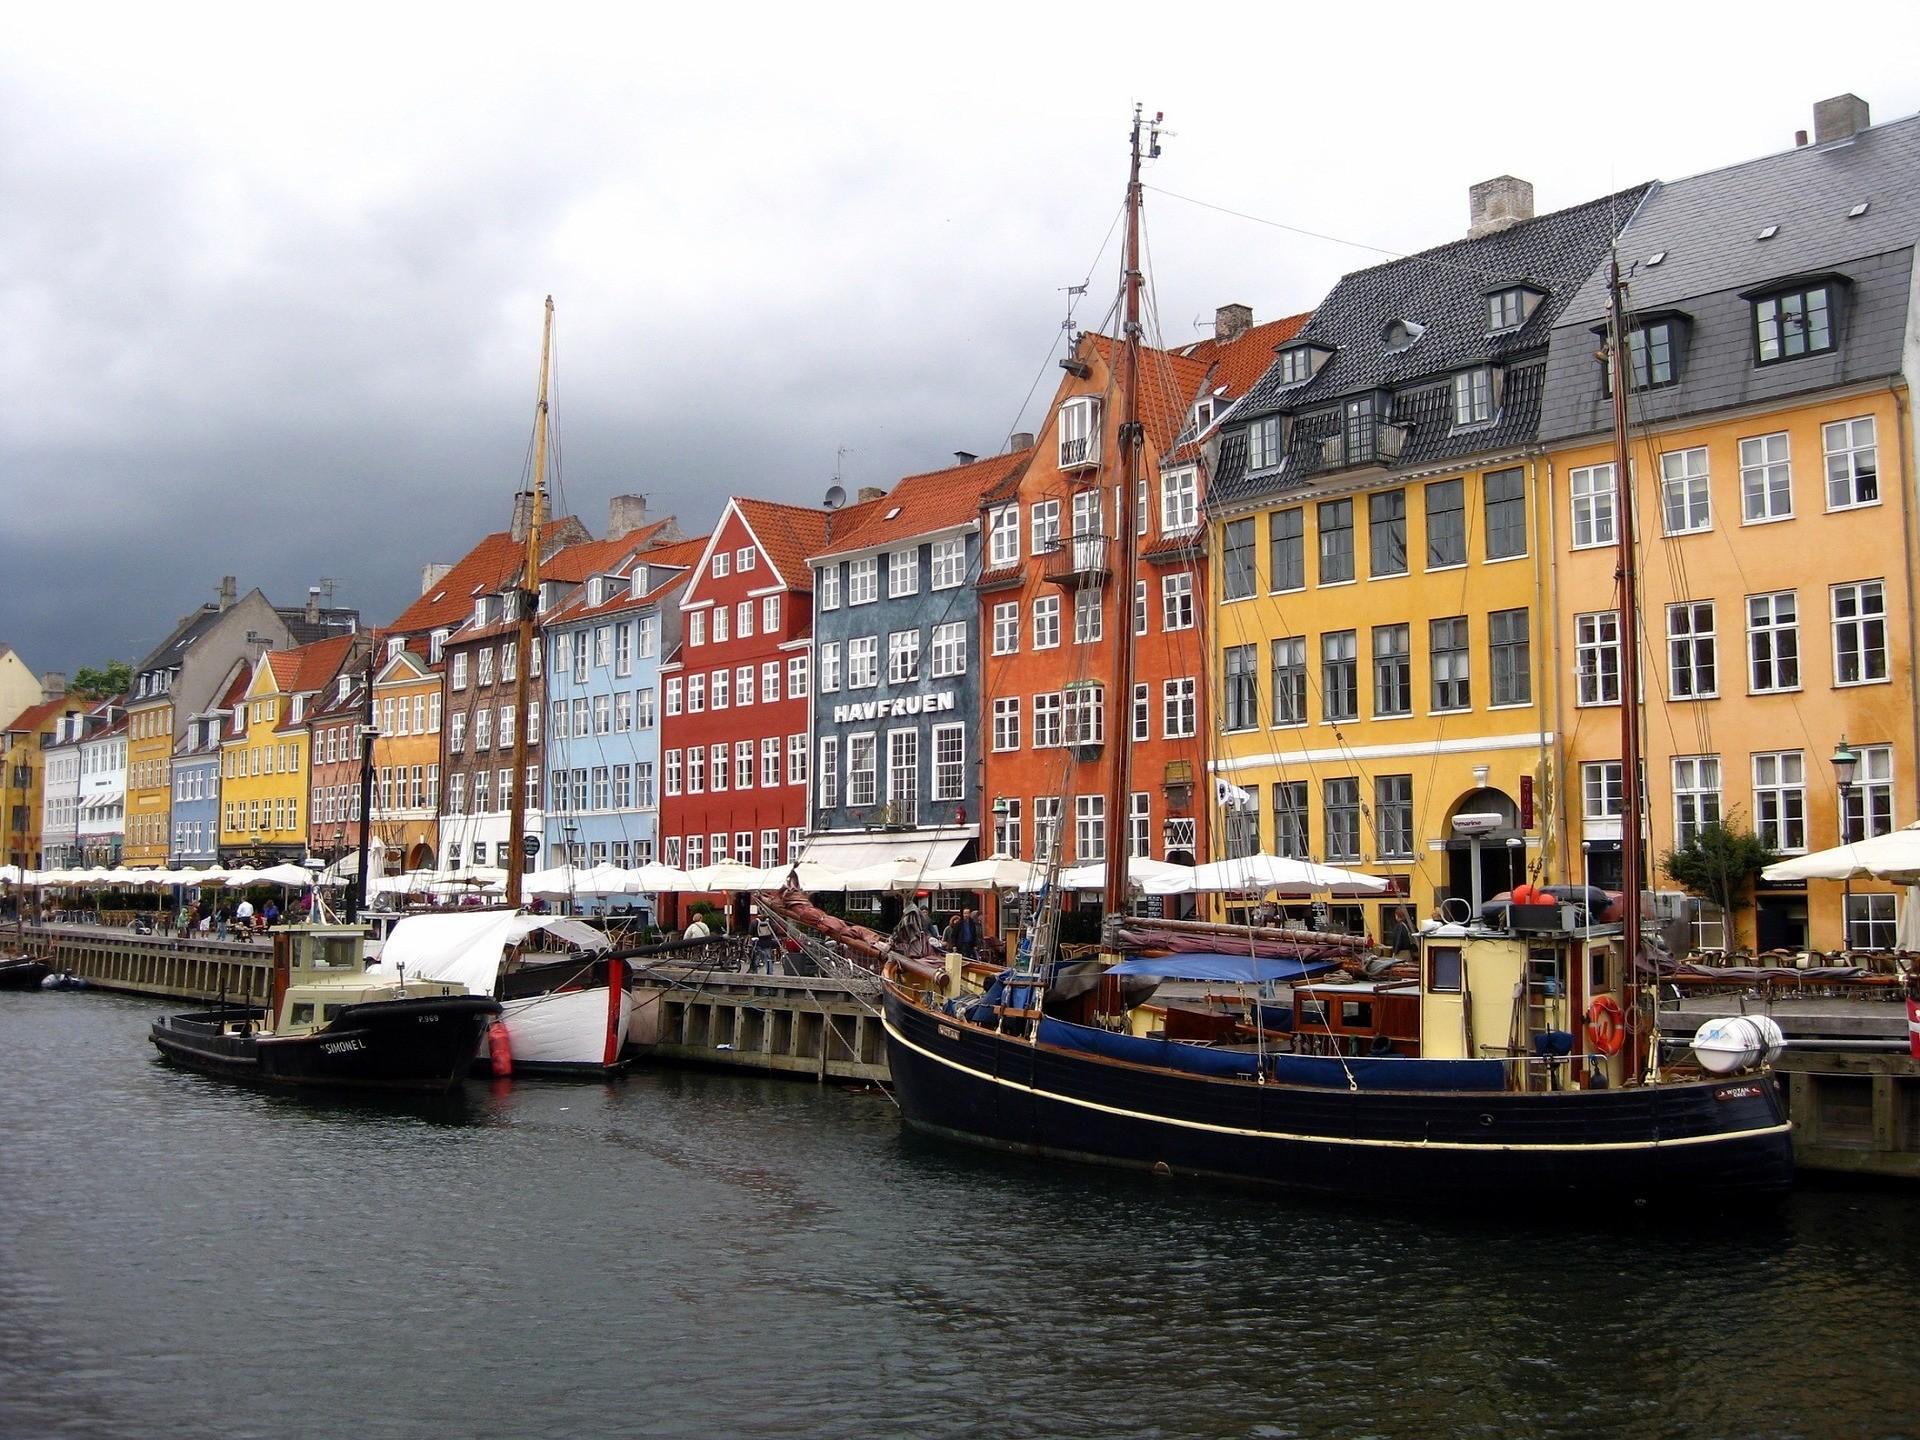 Doświadczenie w Roskilde, Dania według Josefine